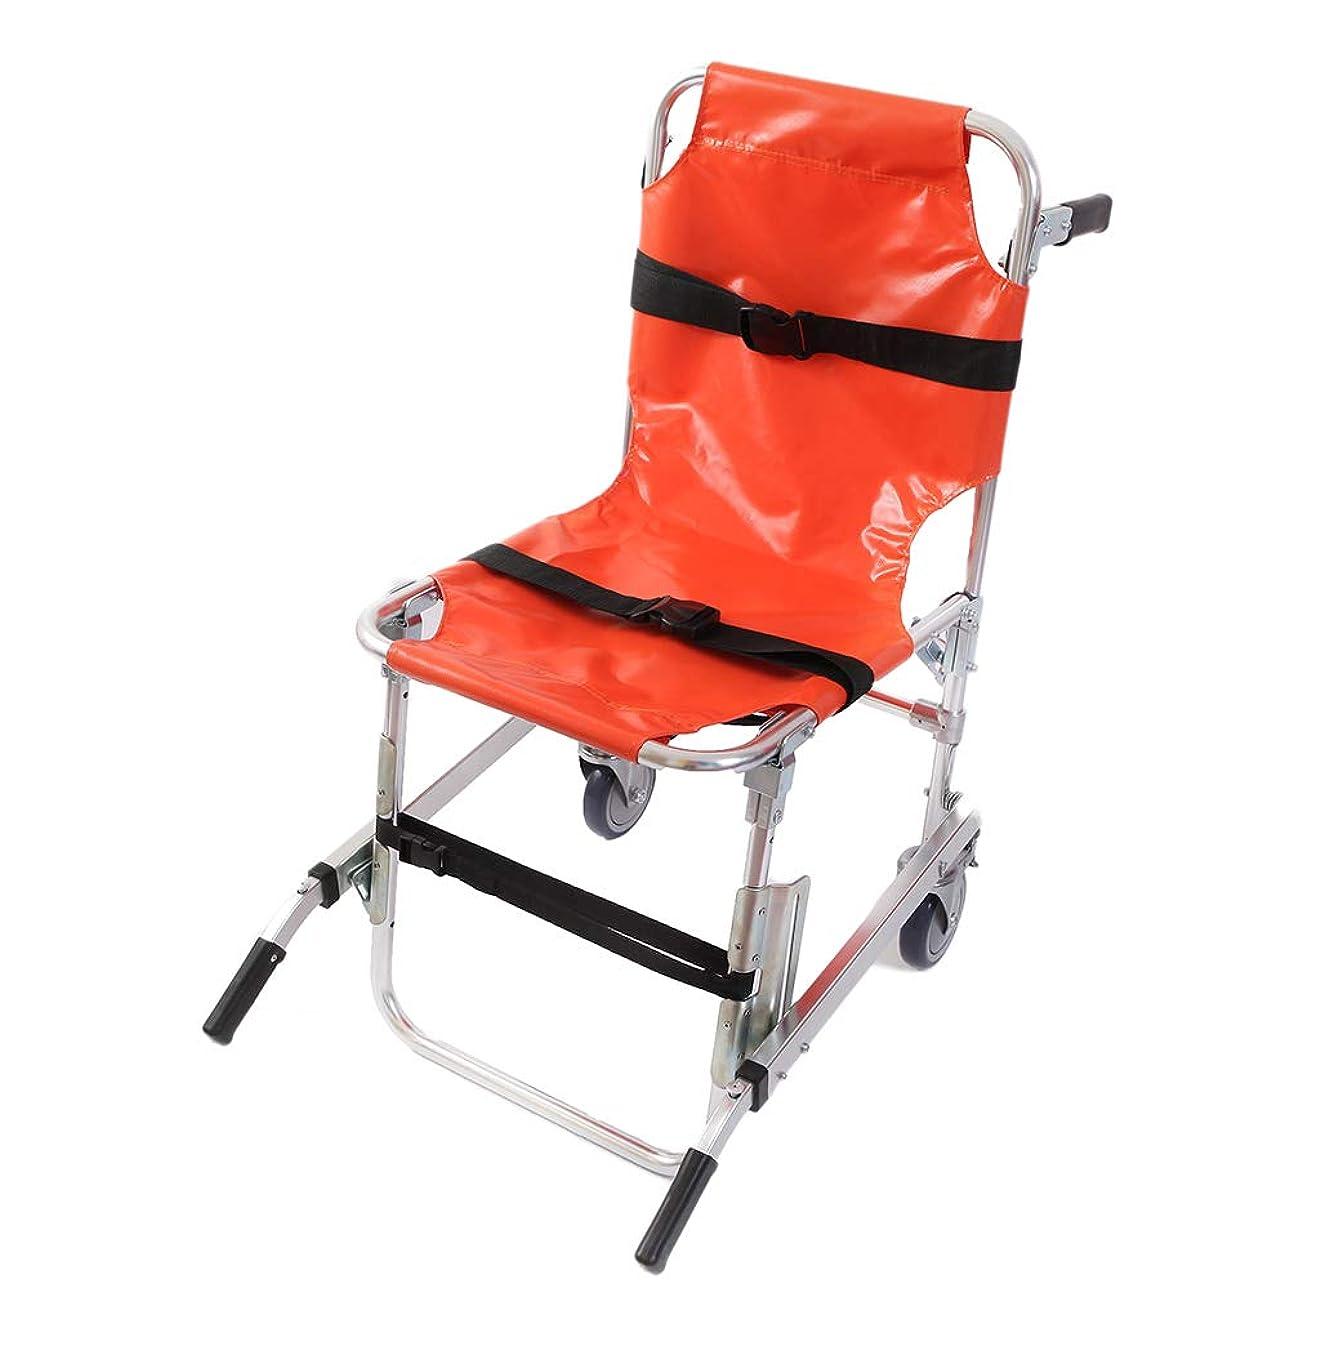 いっぱいおとうさん刺しますEMS階段椅子、アルミニウムの軽量2クイックリリースバックル付きリフト付き医療輸送椅子